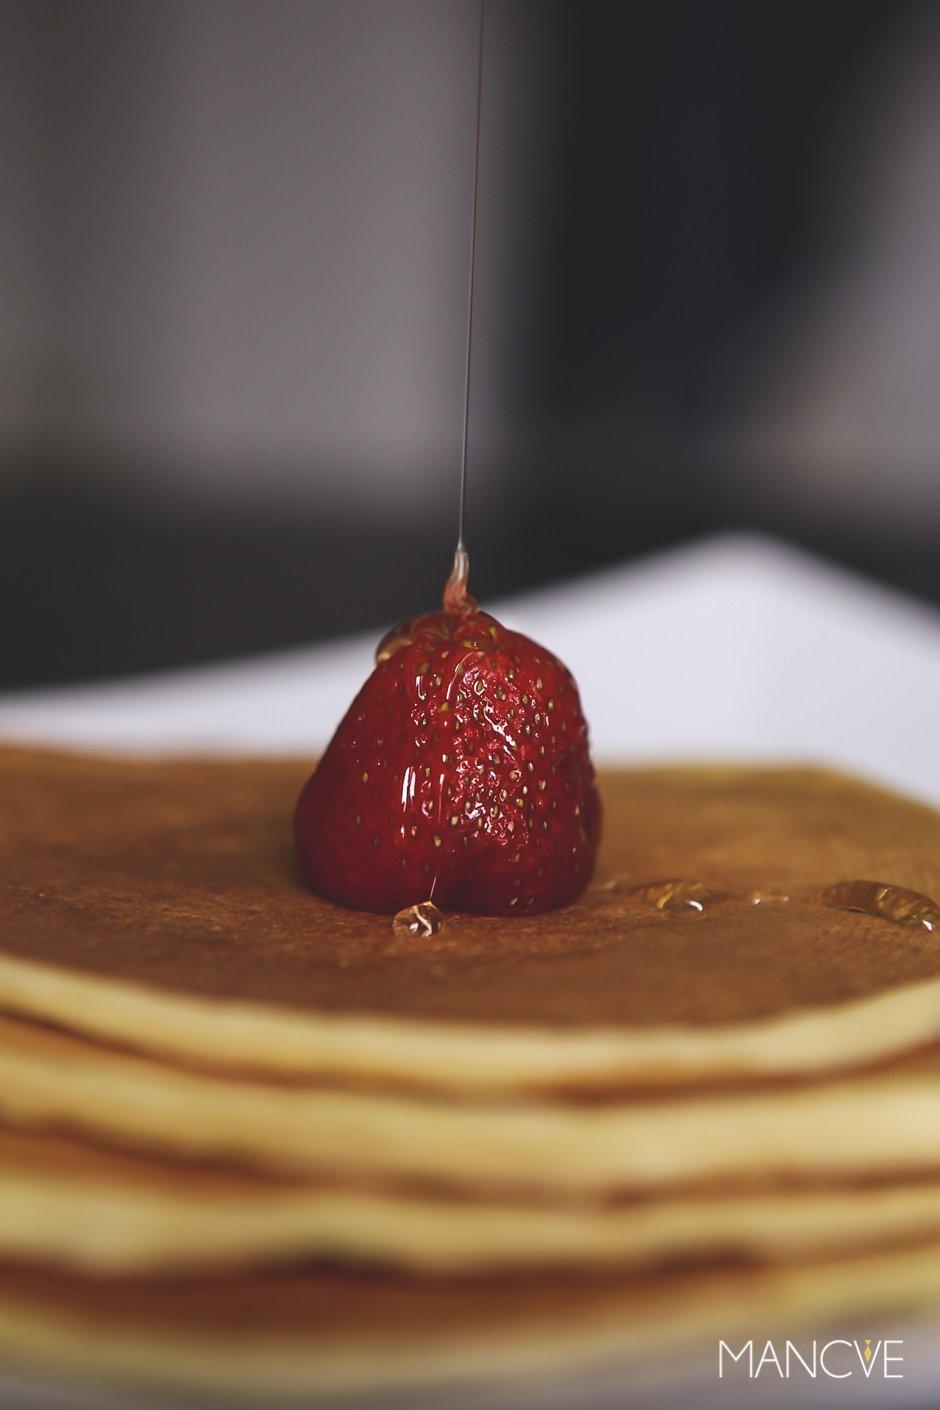 Pancake-Ahornsyrup-Detail